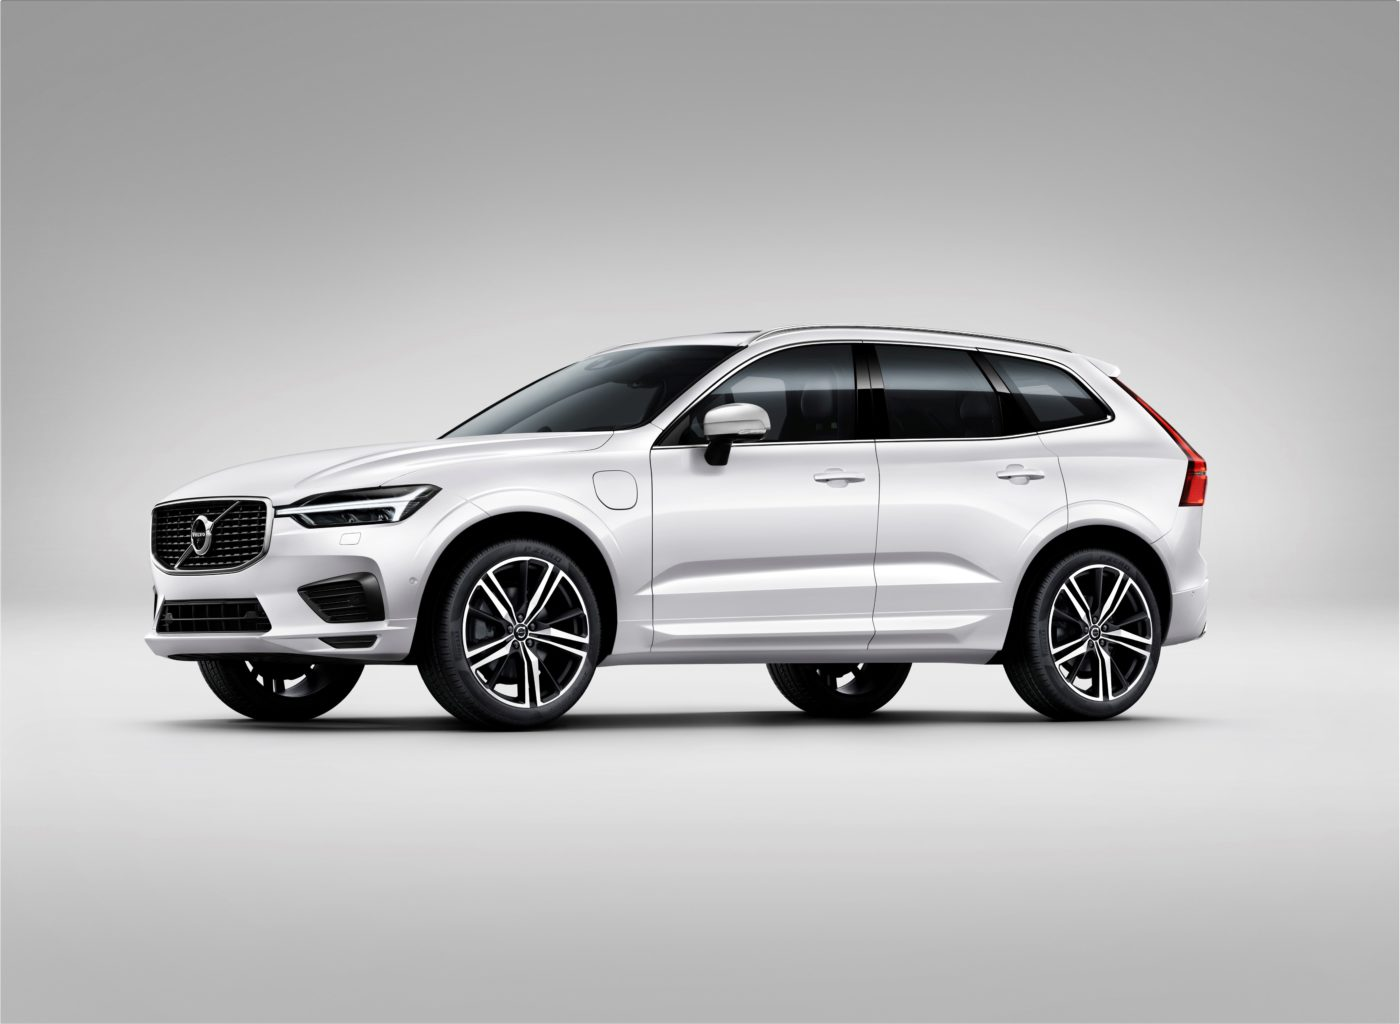 De nieuwe Volvo XC60